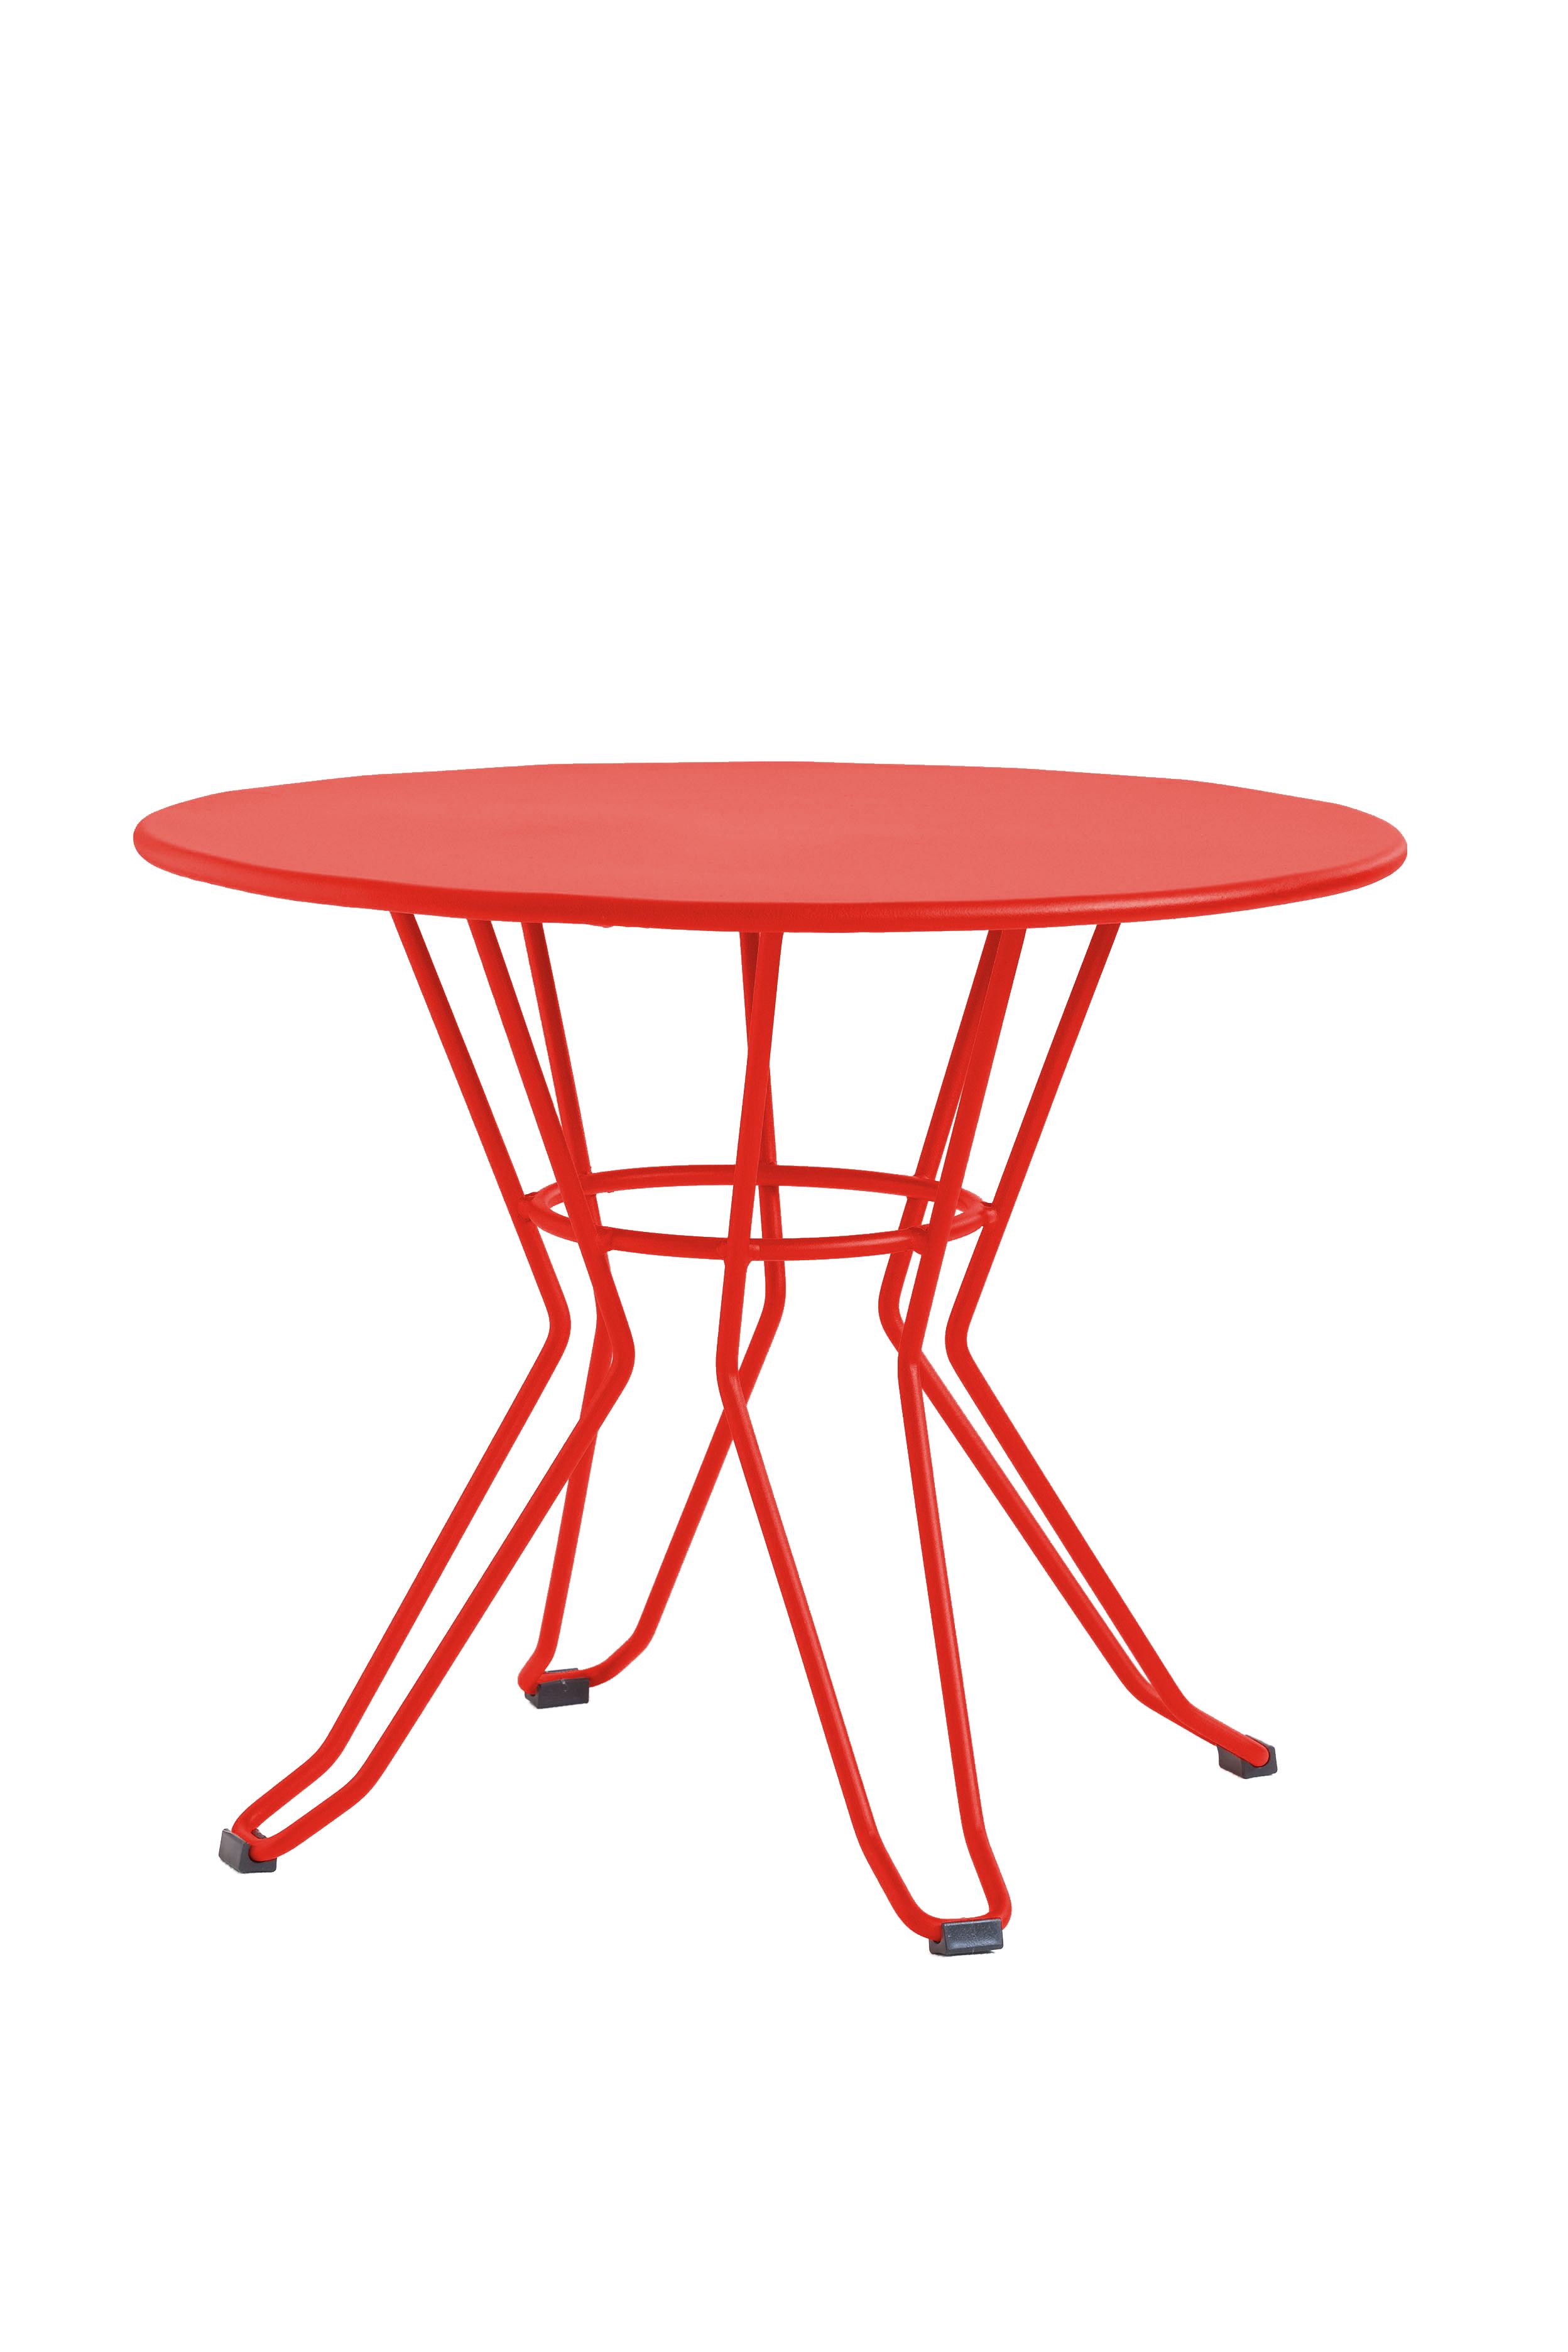 CAPRI - Table basse en acier rouge D60